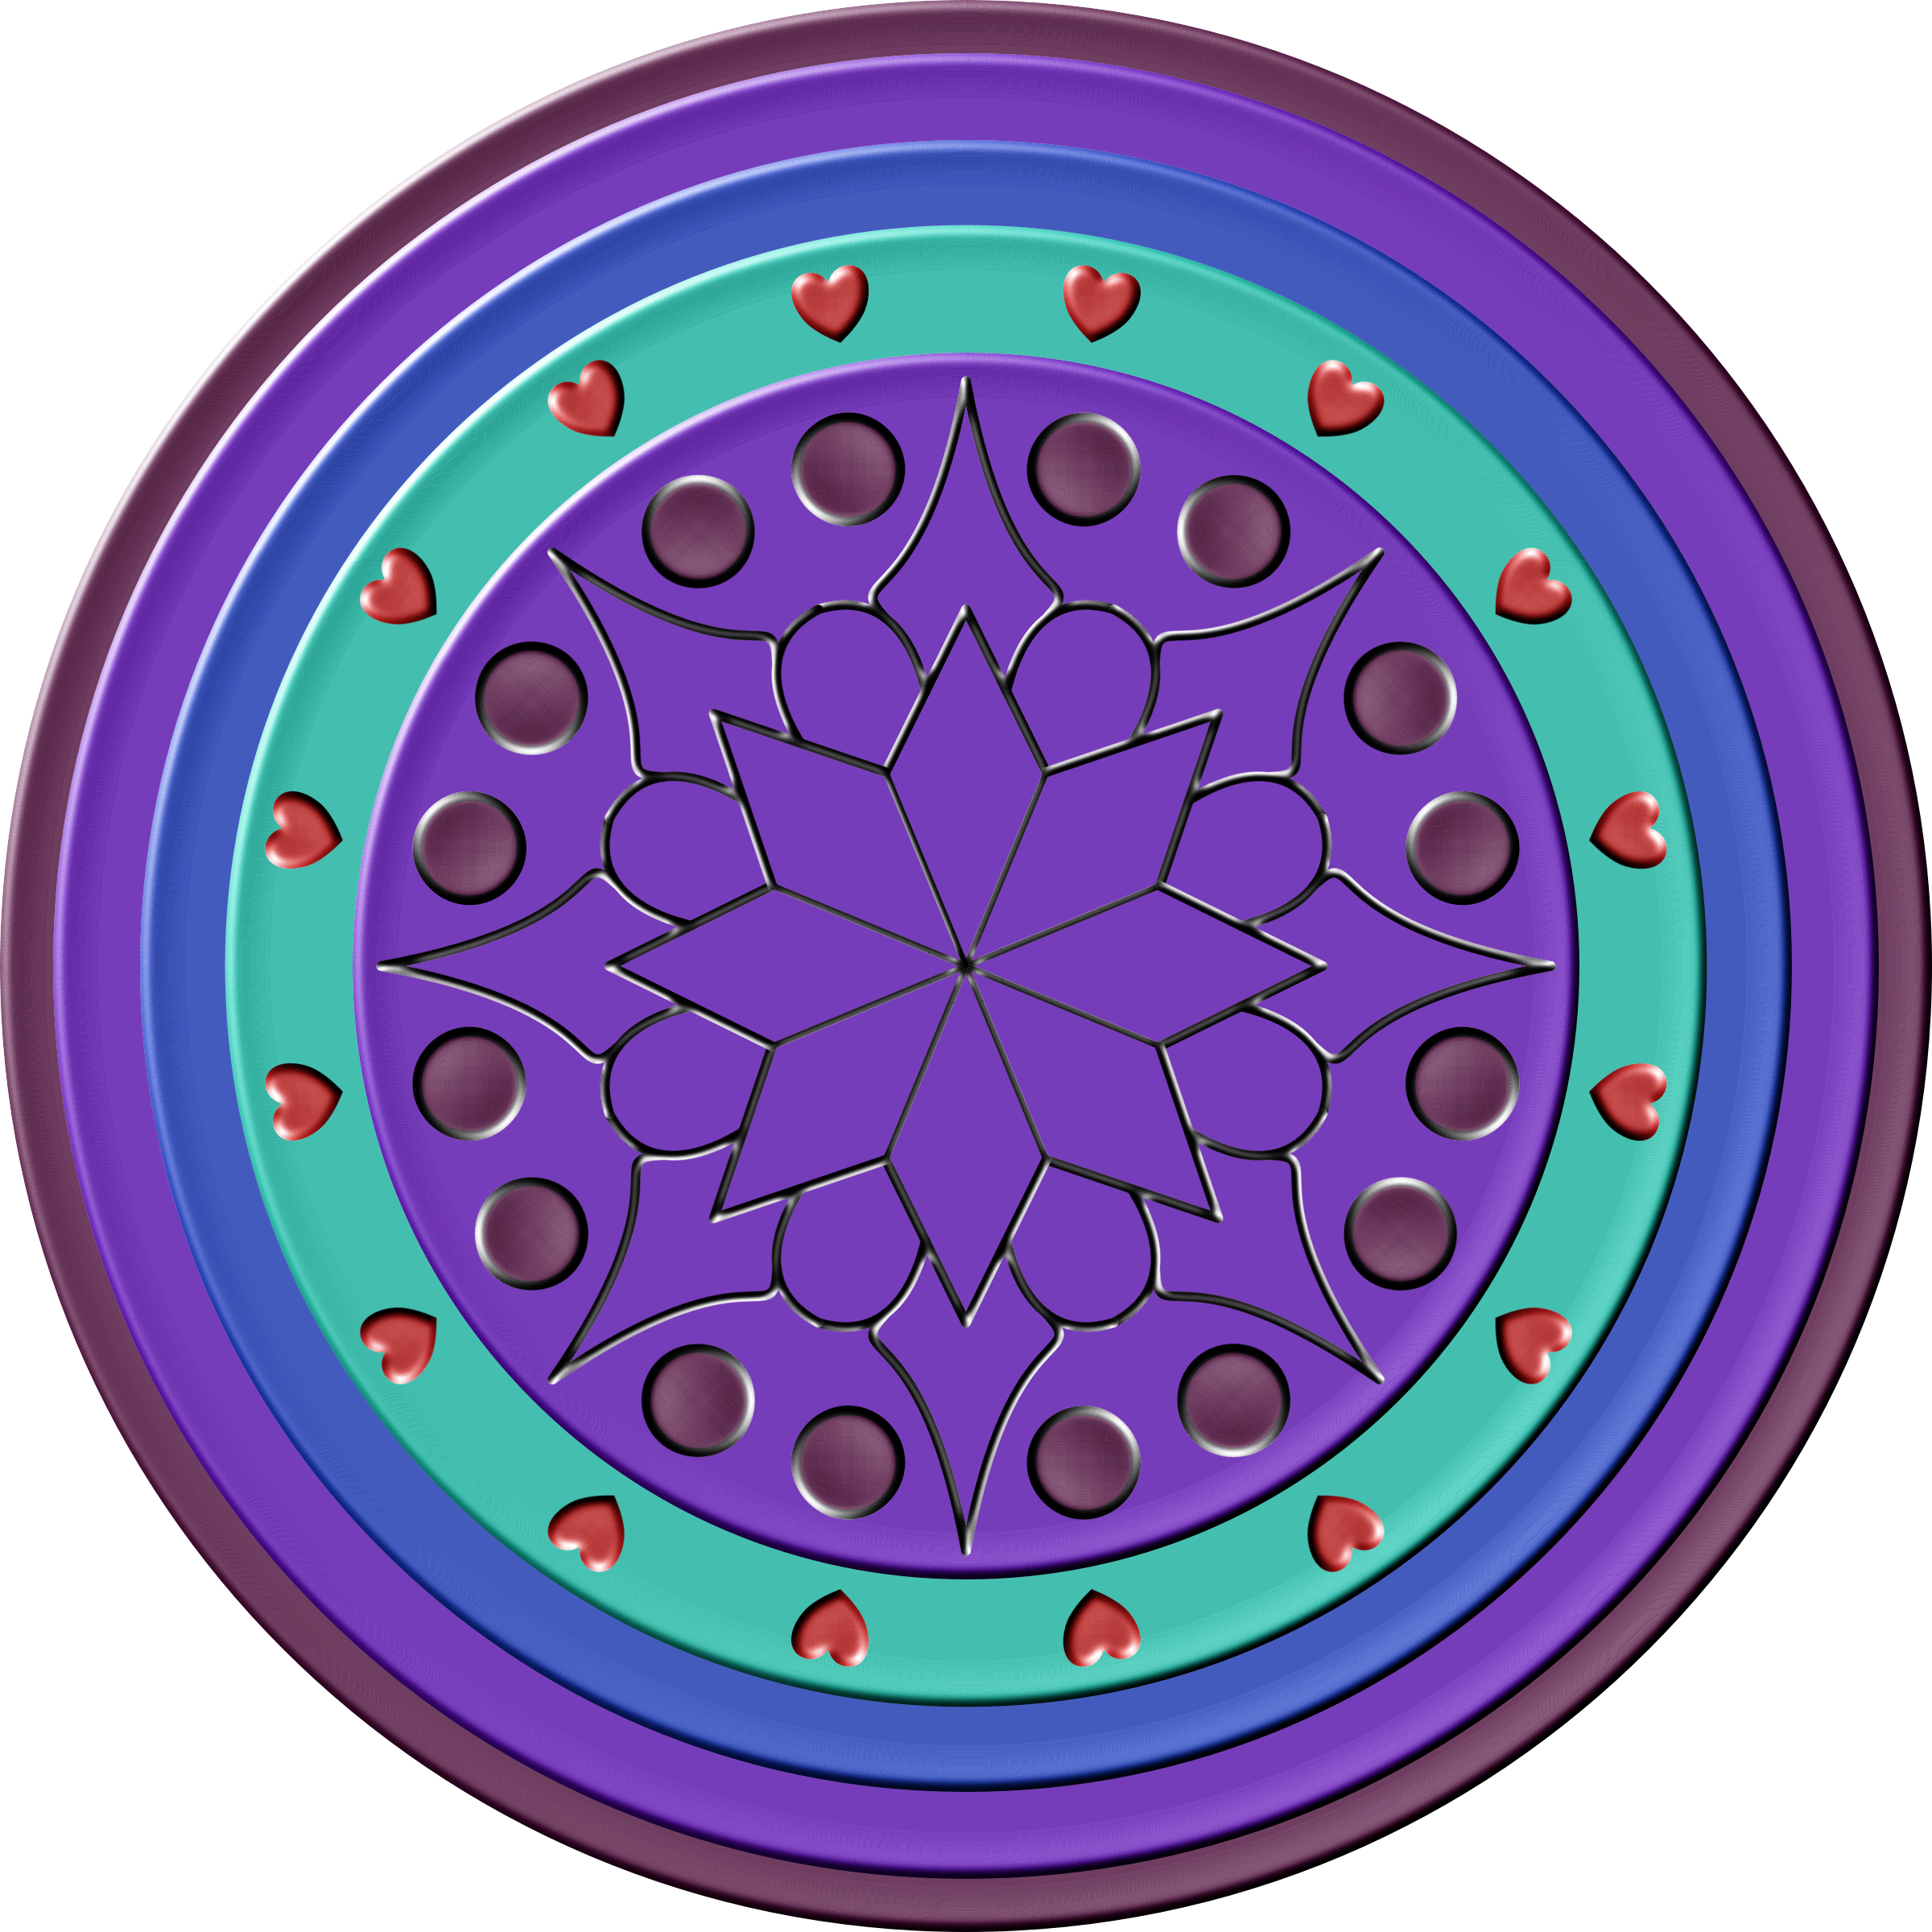 Dreamcatcher clipart purple. Dream catcher mandala icons